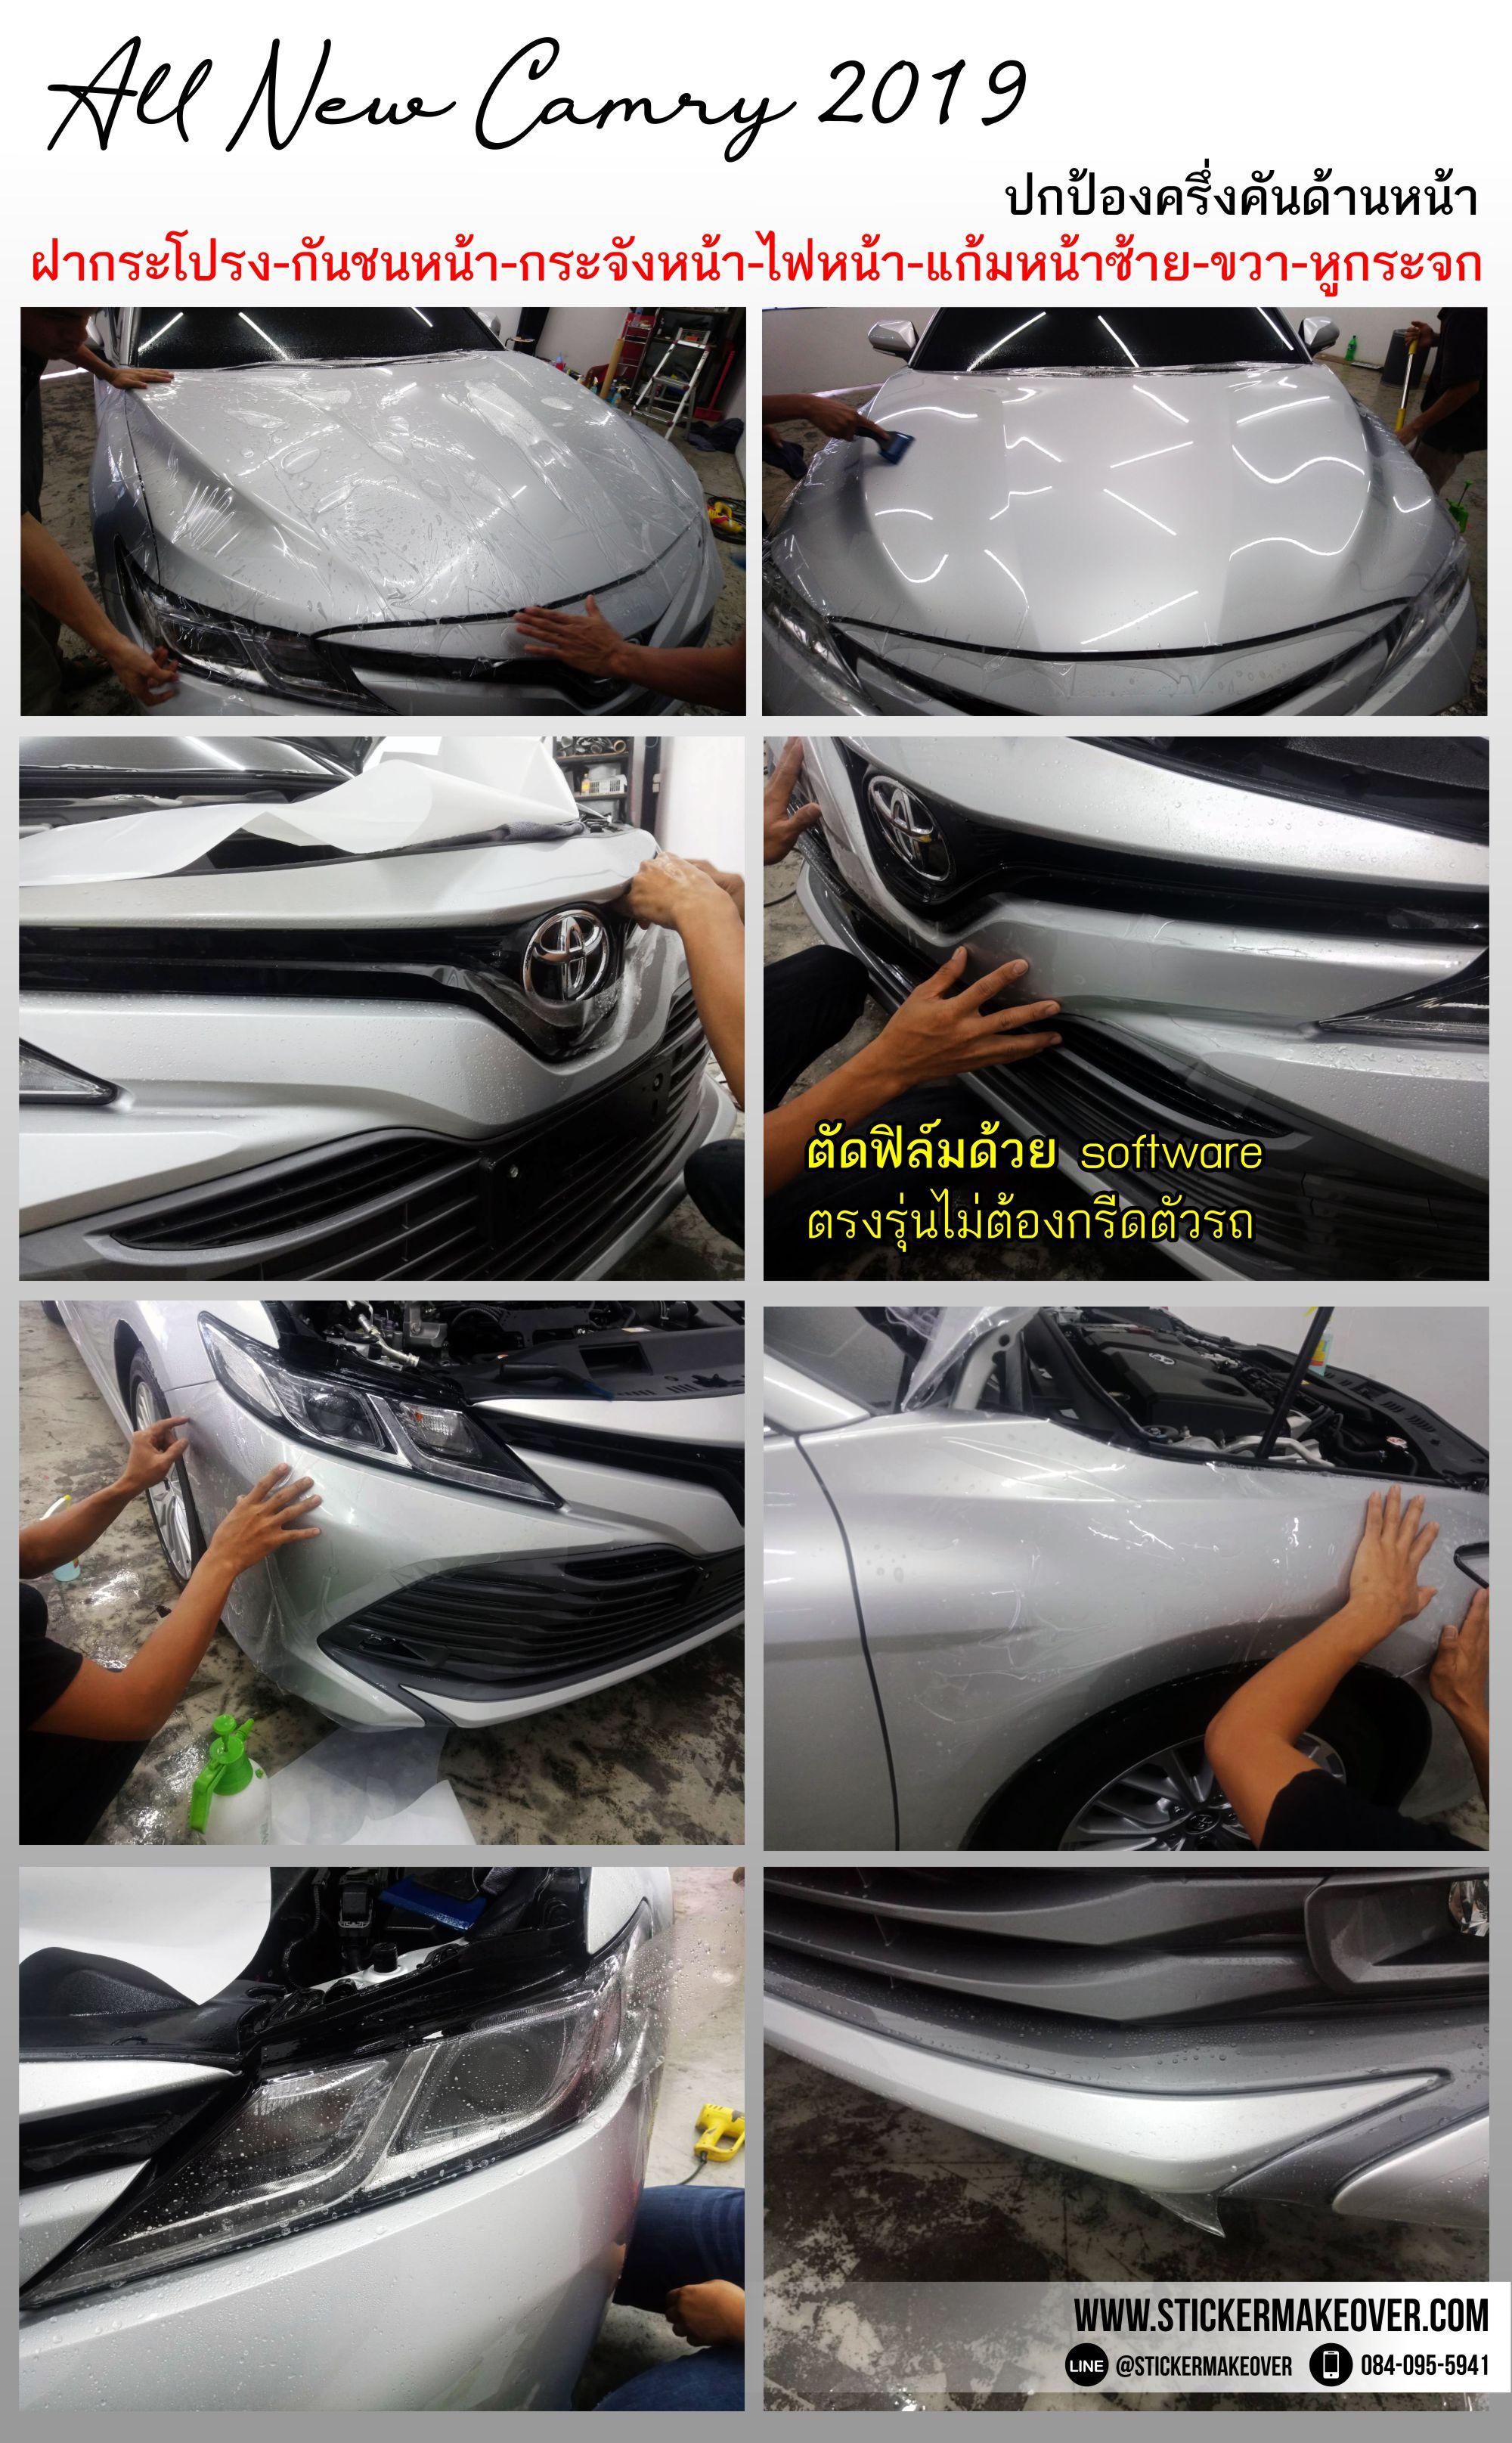 ฟิล์มใสกันรอยรถยนต์ ฟิล์มใสกันสะเก็ดหิน ฟิล์มปกป้องสีรถ paint protection film ppf all new toyota camry 2019